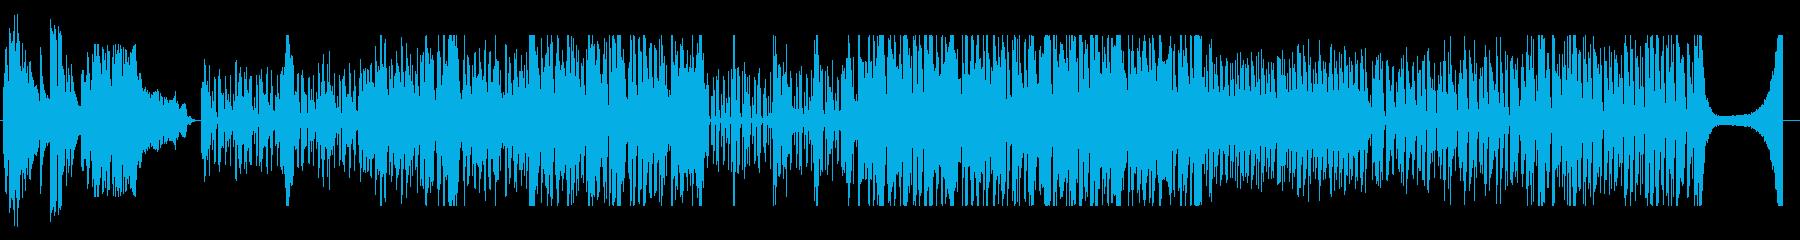 今日もハッピーさ。ジャズチックなBGMの再生済みの波形